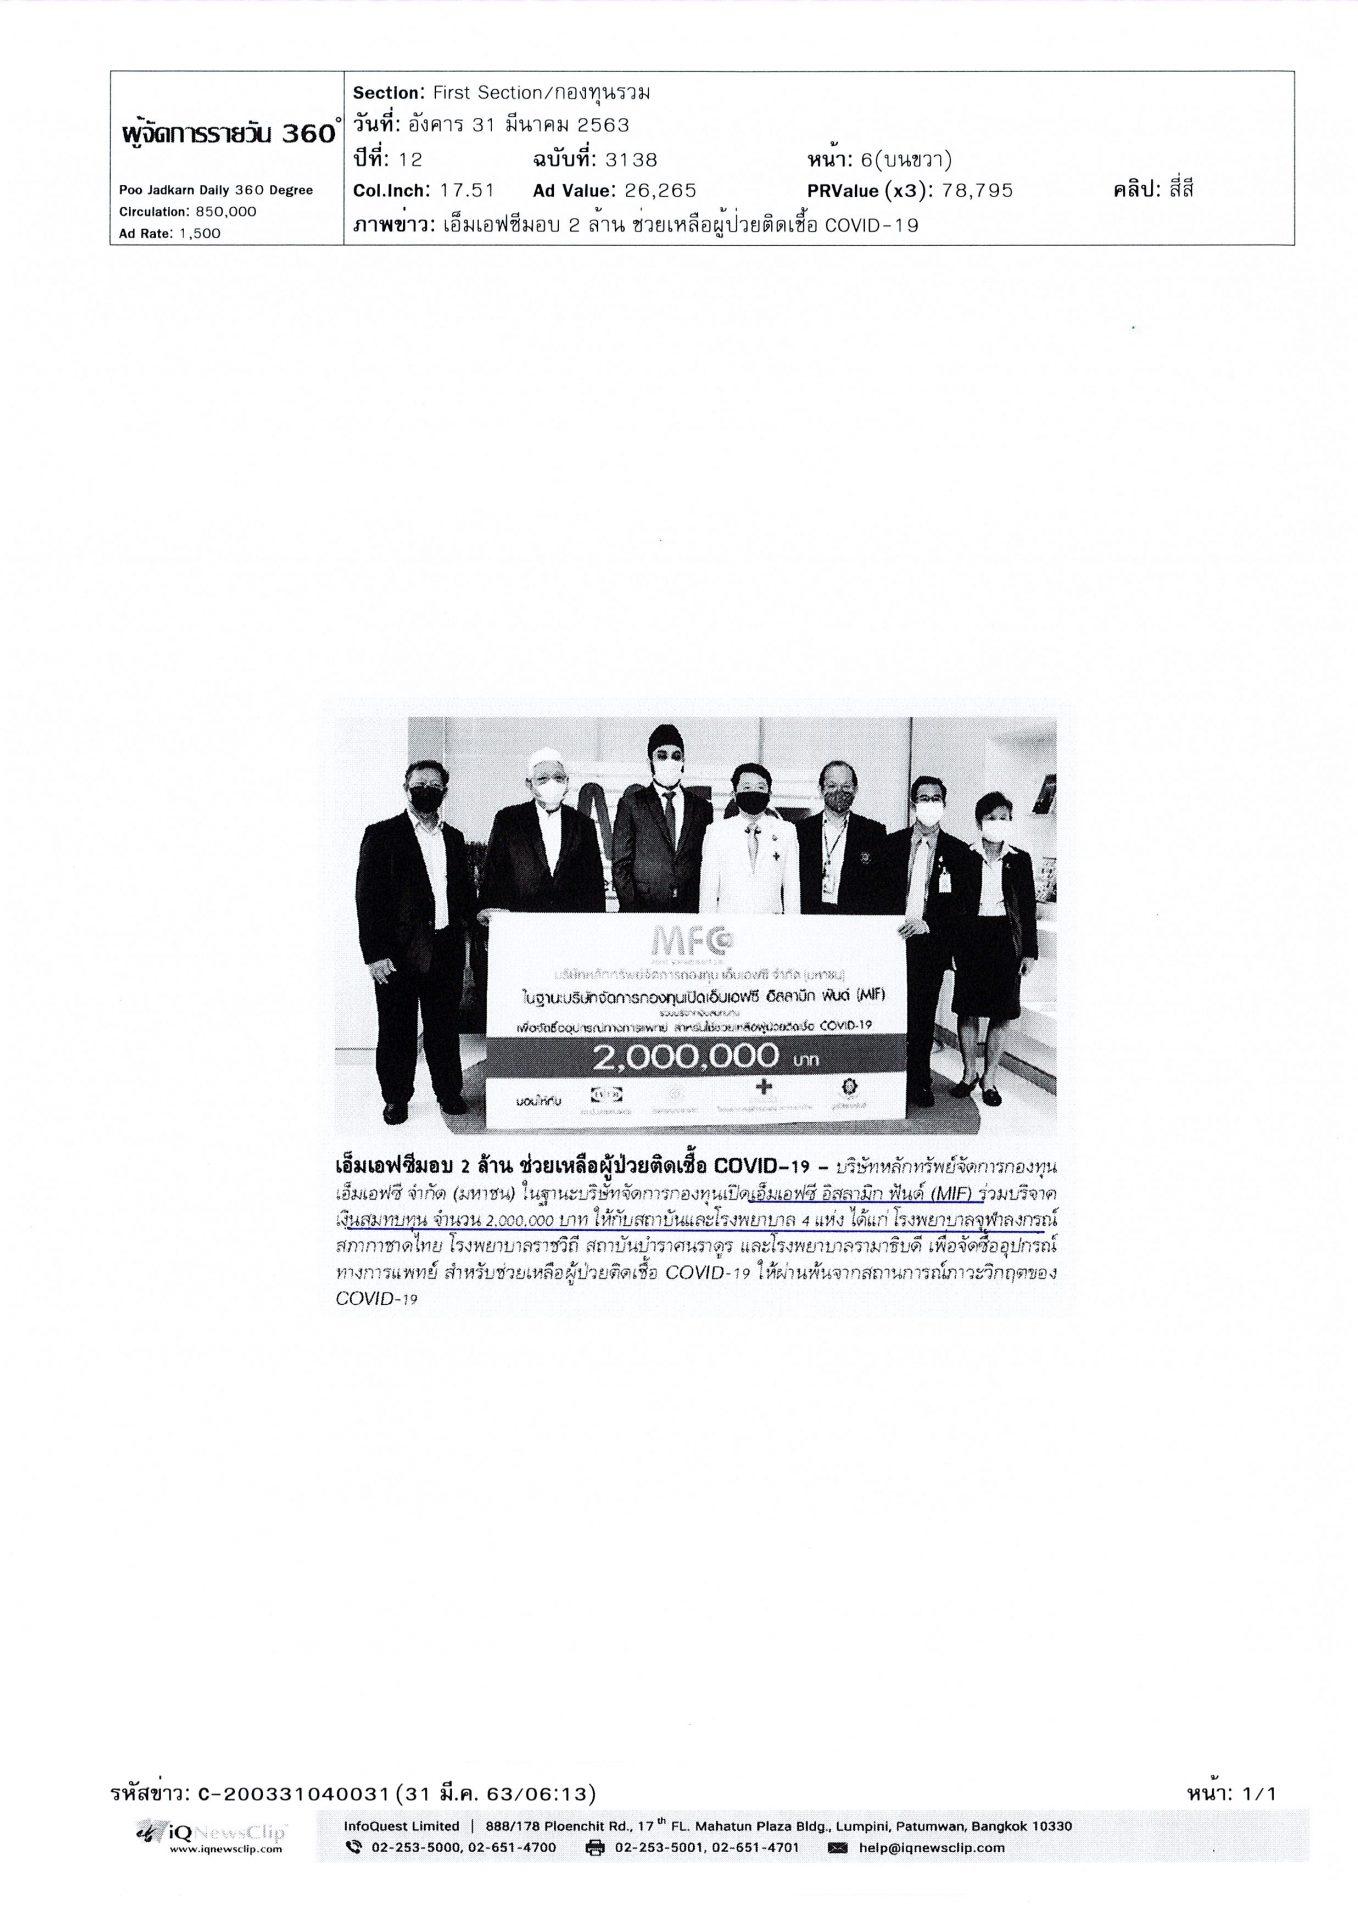 บริษัท หลักทรัพย์จัดการกองทุนเอ็มเอฟซี จำกัด (มหาชน) ร่วมบริจาคเงินสมทบทุน ให้แก่ รพ.จุฬาฯ